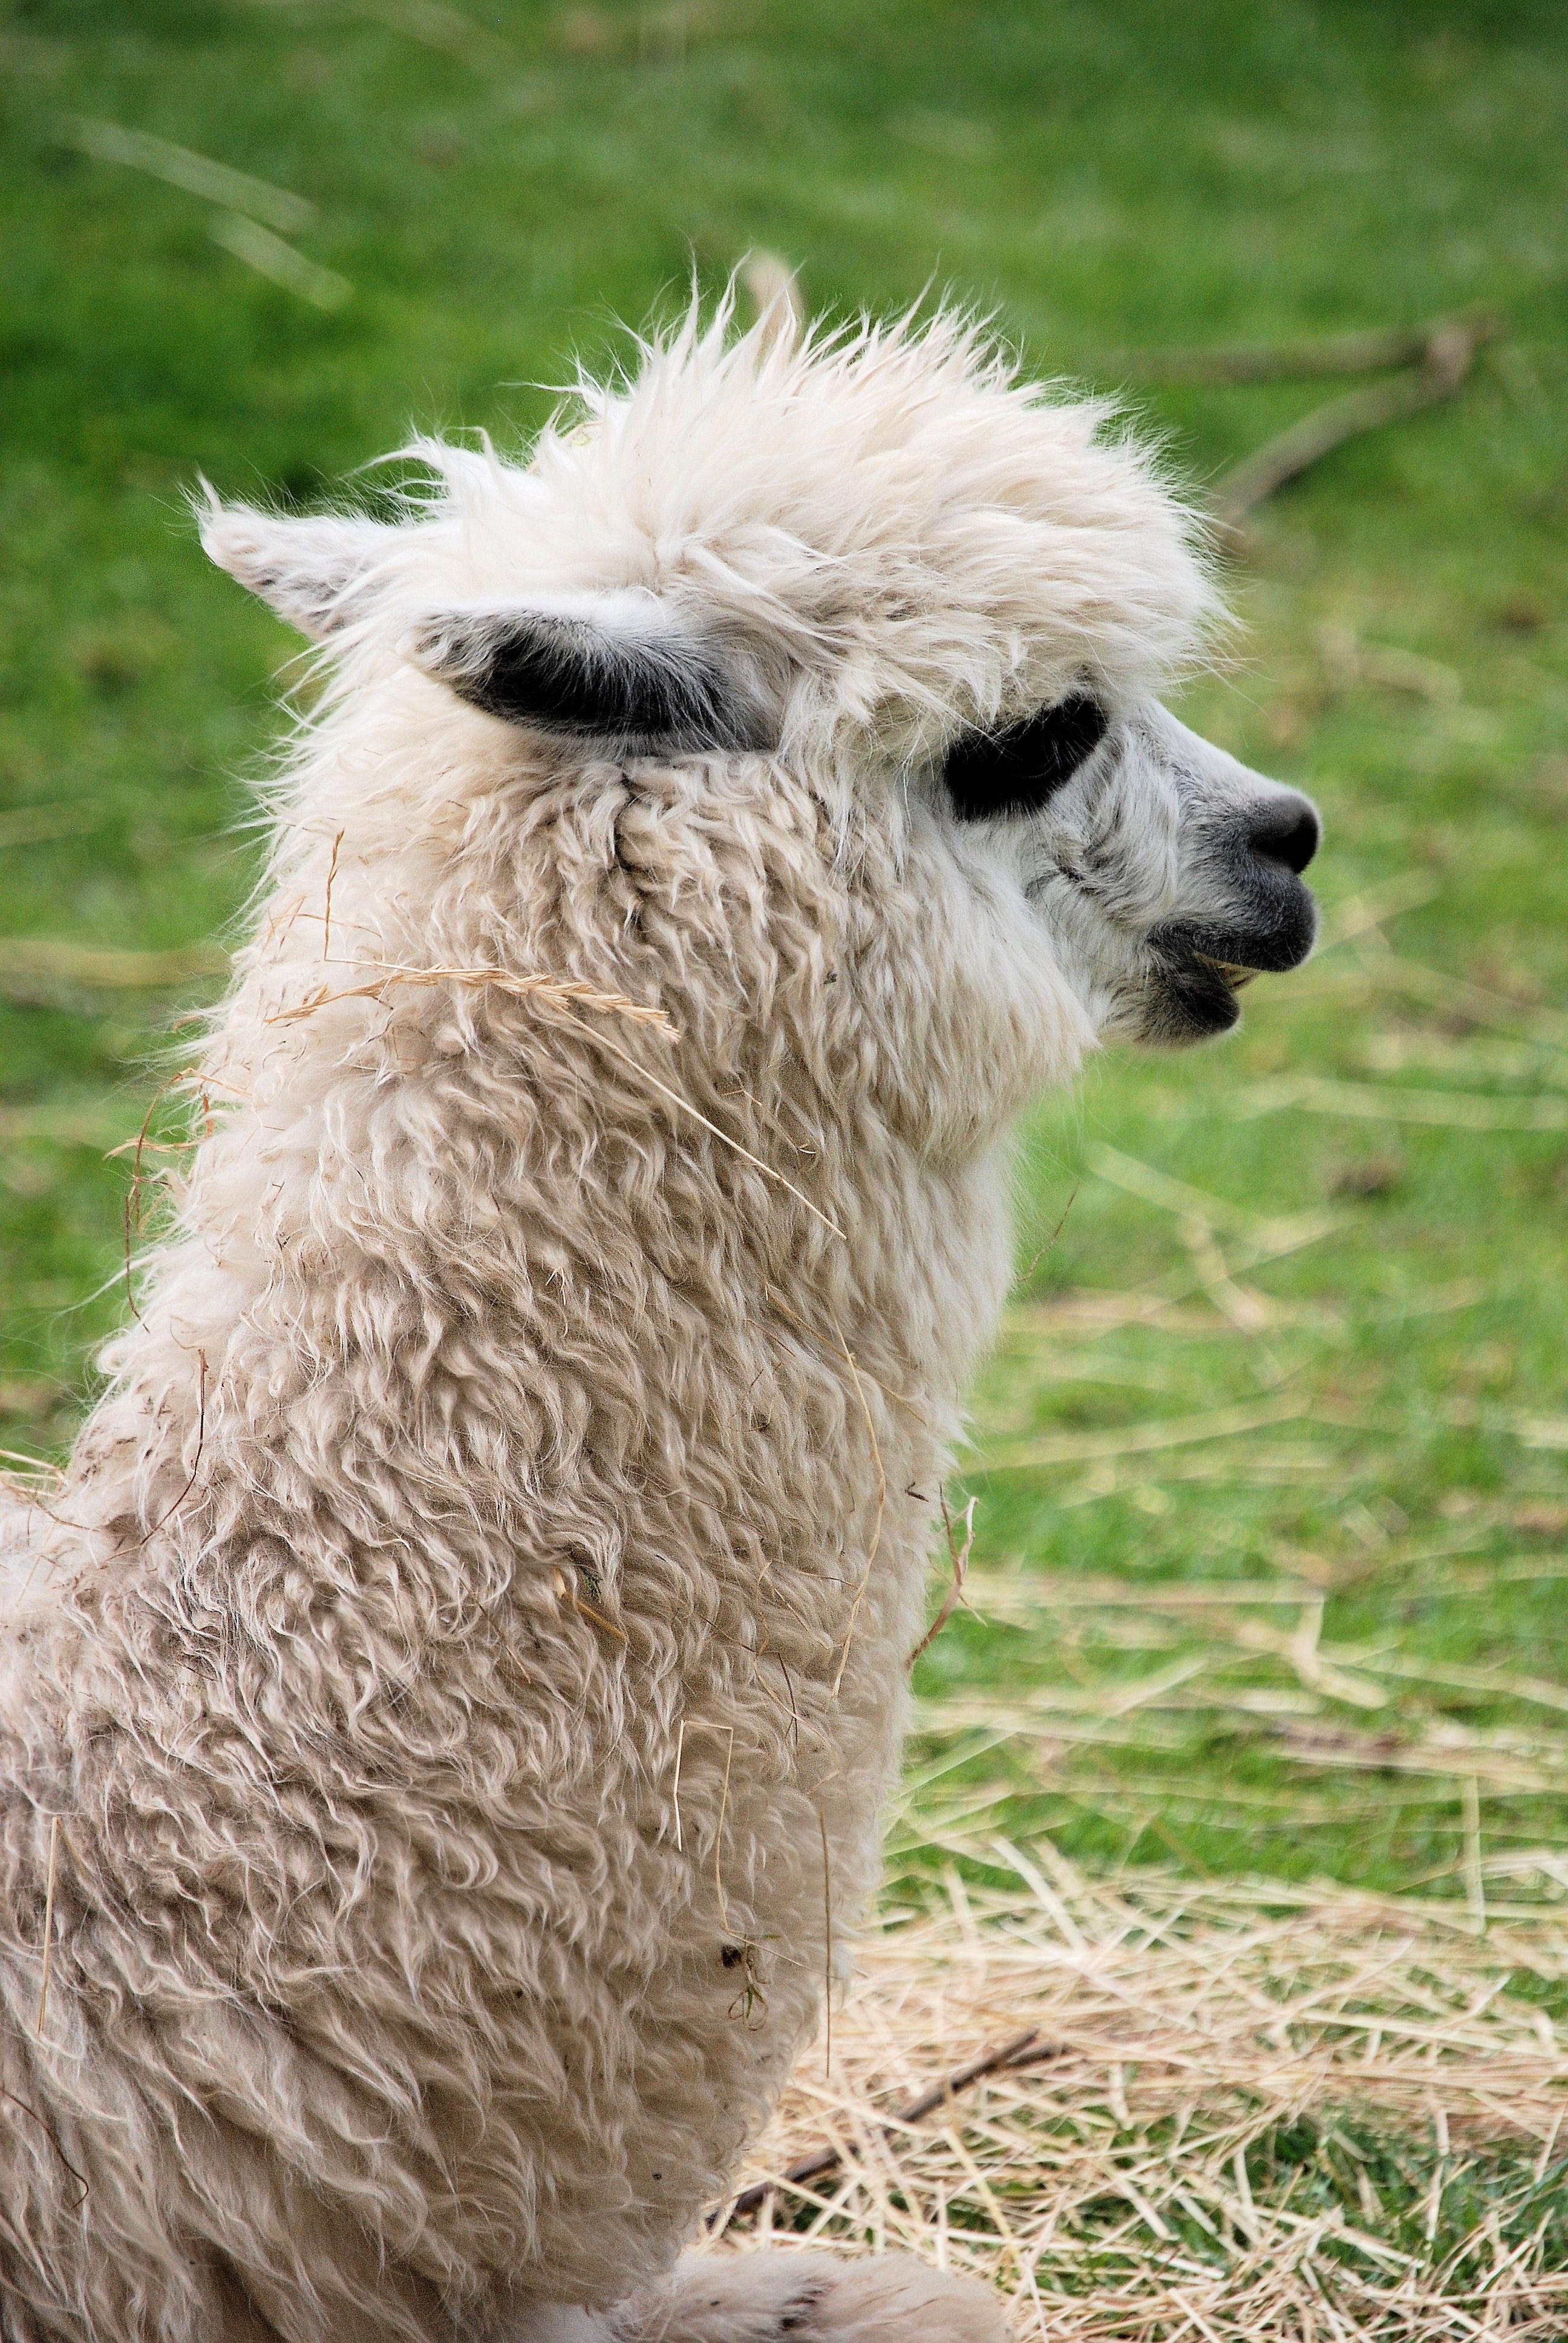 hình ảnh : Lông mượt, Động vật có vú, len, Động vật, Alpaca, Động vật có  xương sống, Camelid, Lạc đà như động vật có vú, Llama glama 2592x3872